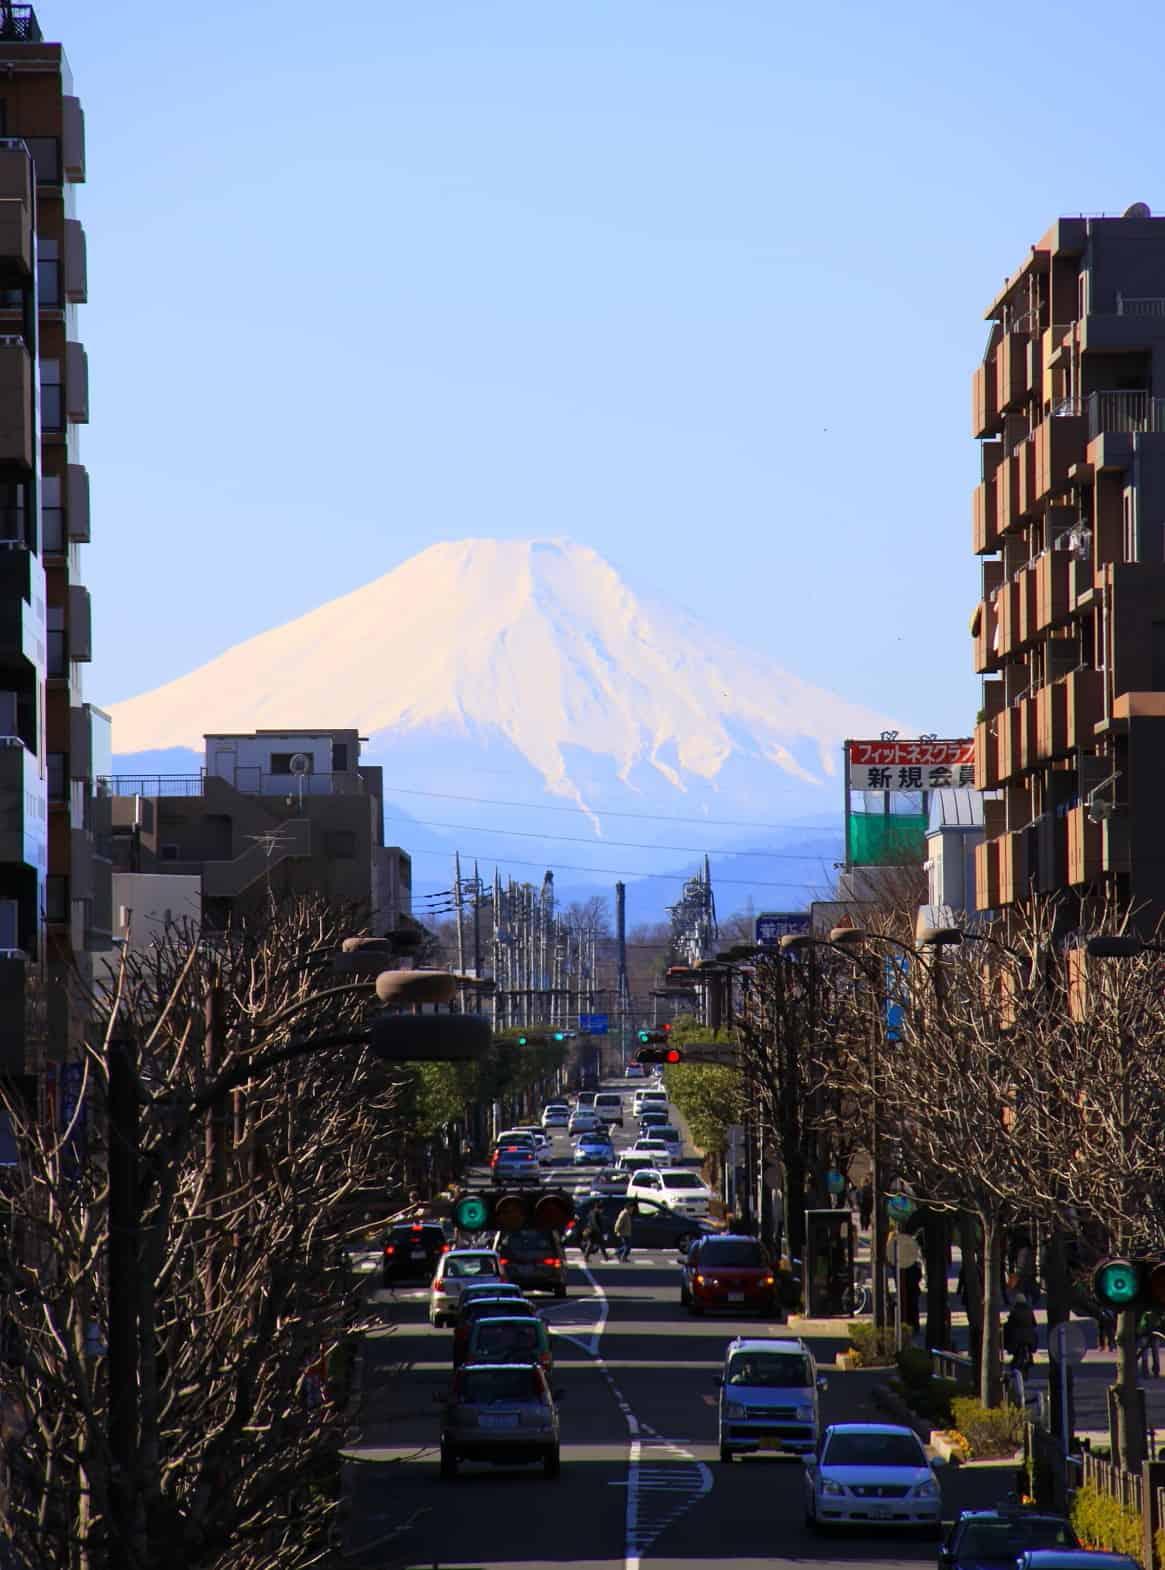 ชมภูเขาไฟฟูจิจาก Fujimi Terrace